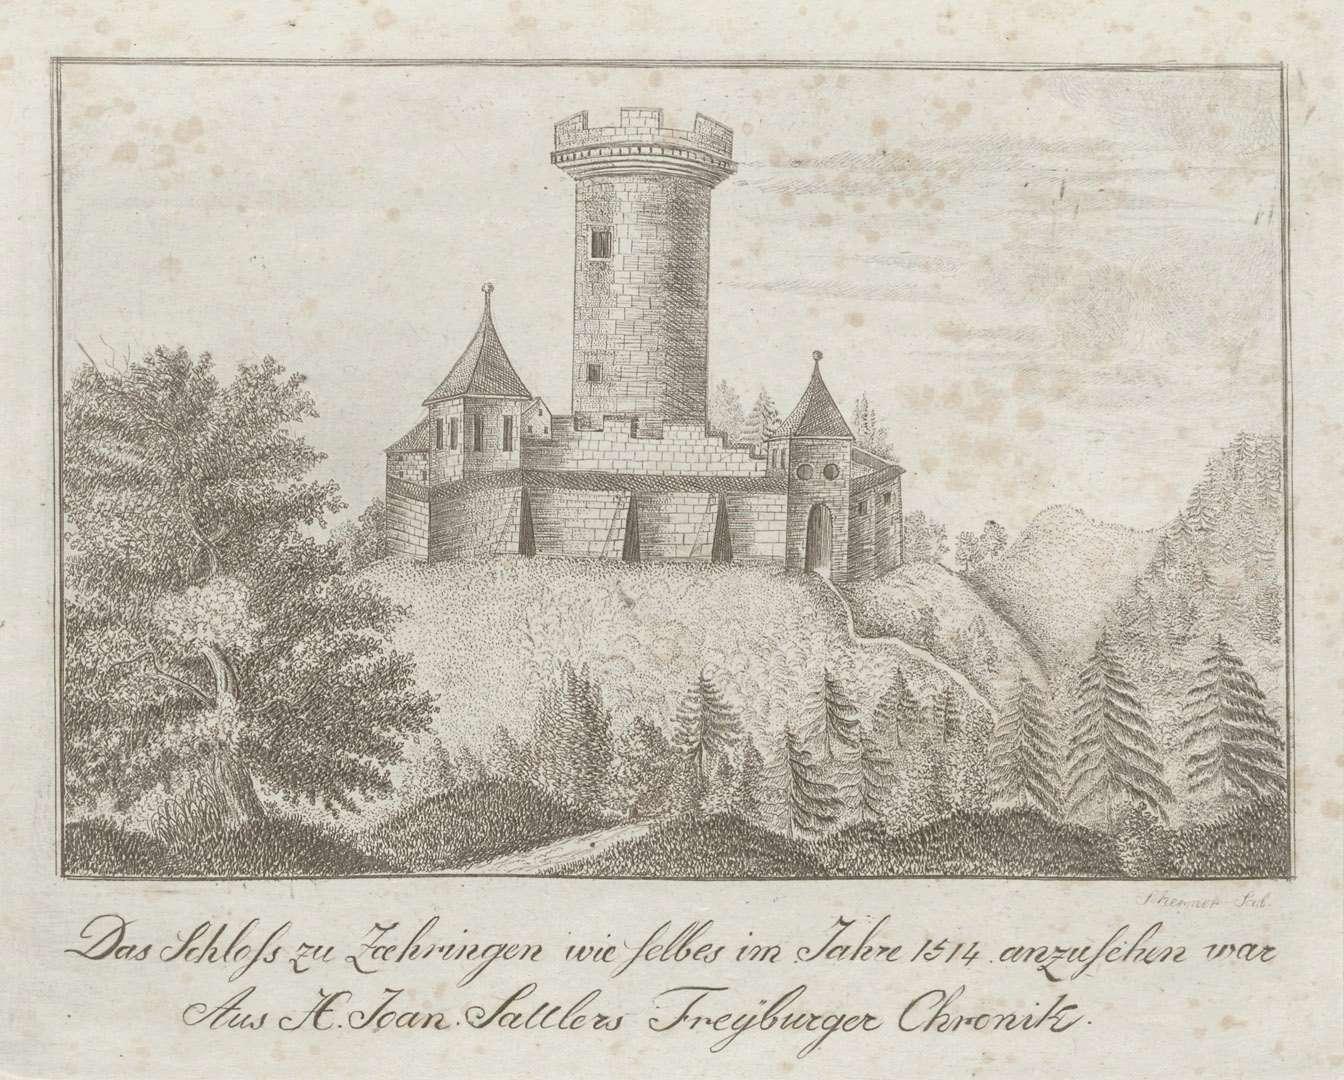 Das Schloss zu Zaehringen wie selbes im Jahres 1514 anzusehen war. Aus H. Joan. Sattlers Freyburger Chronik, Bild 1